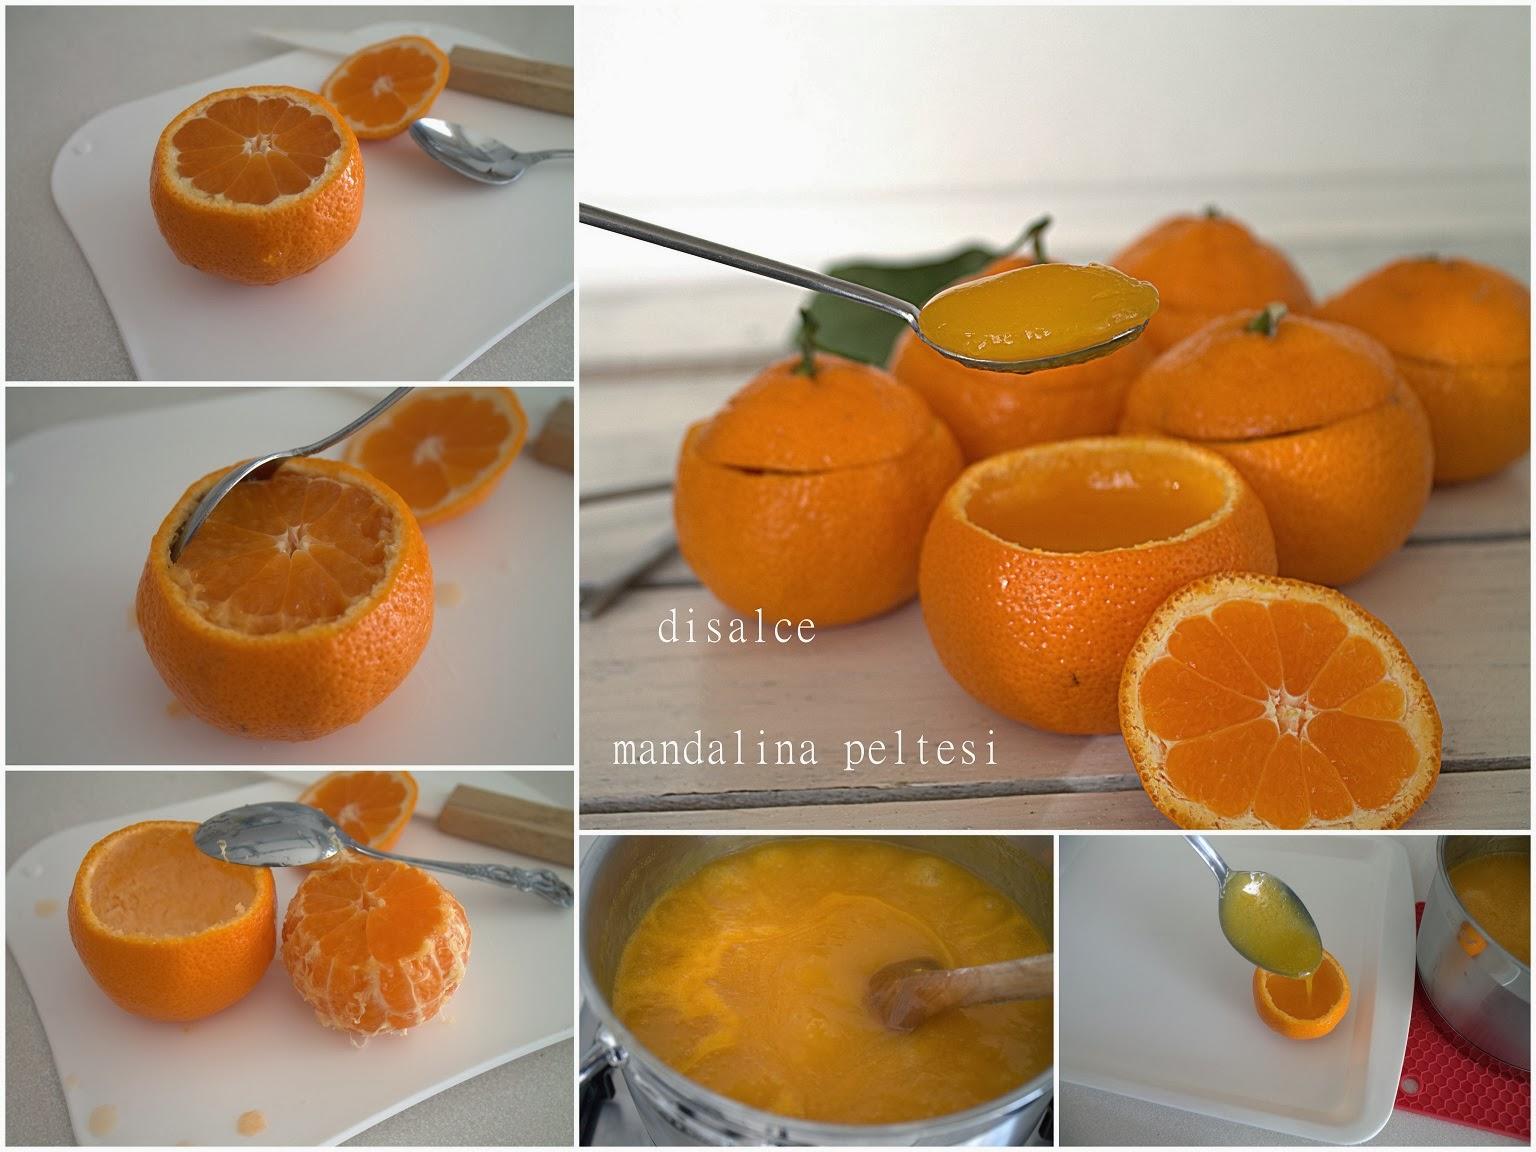 mandalina tatlısı